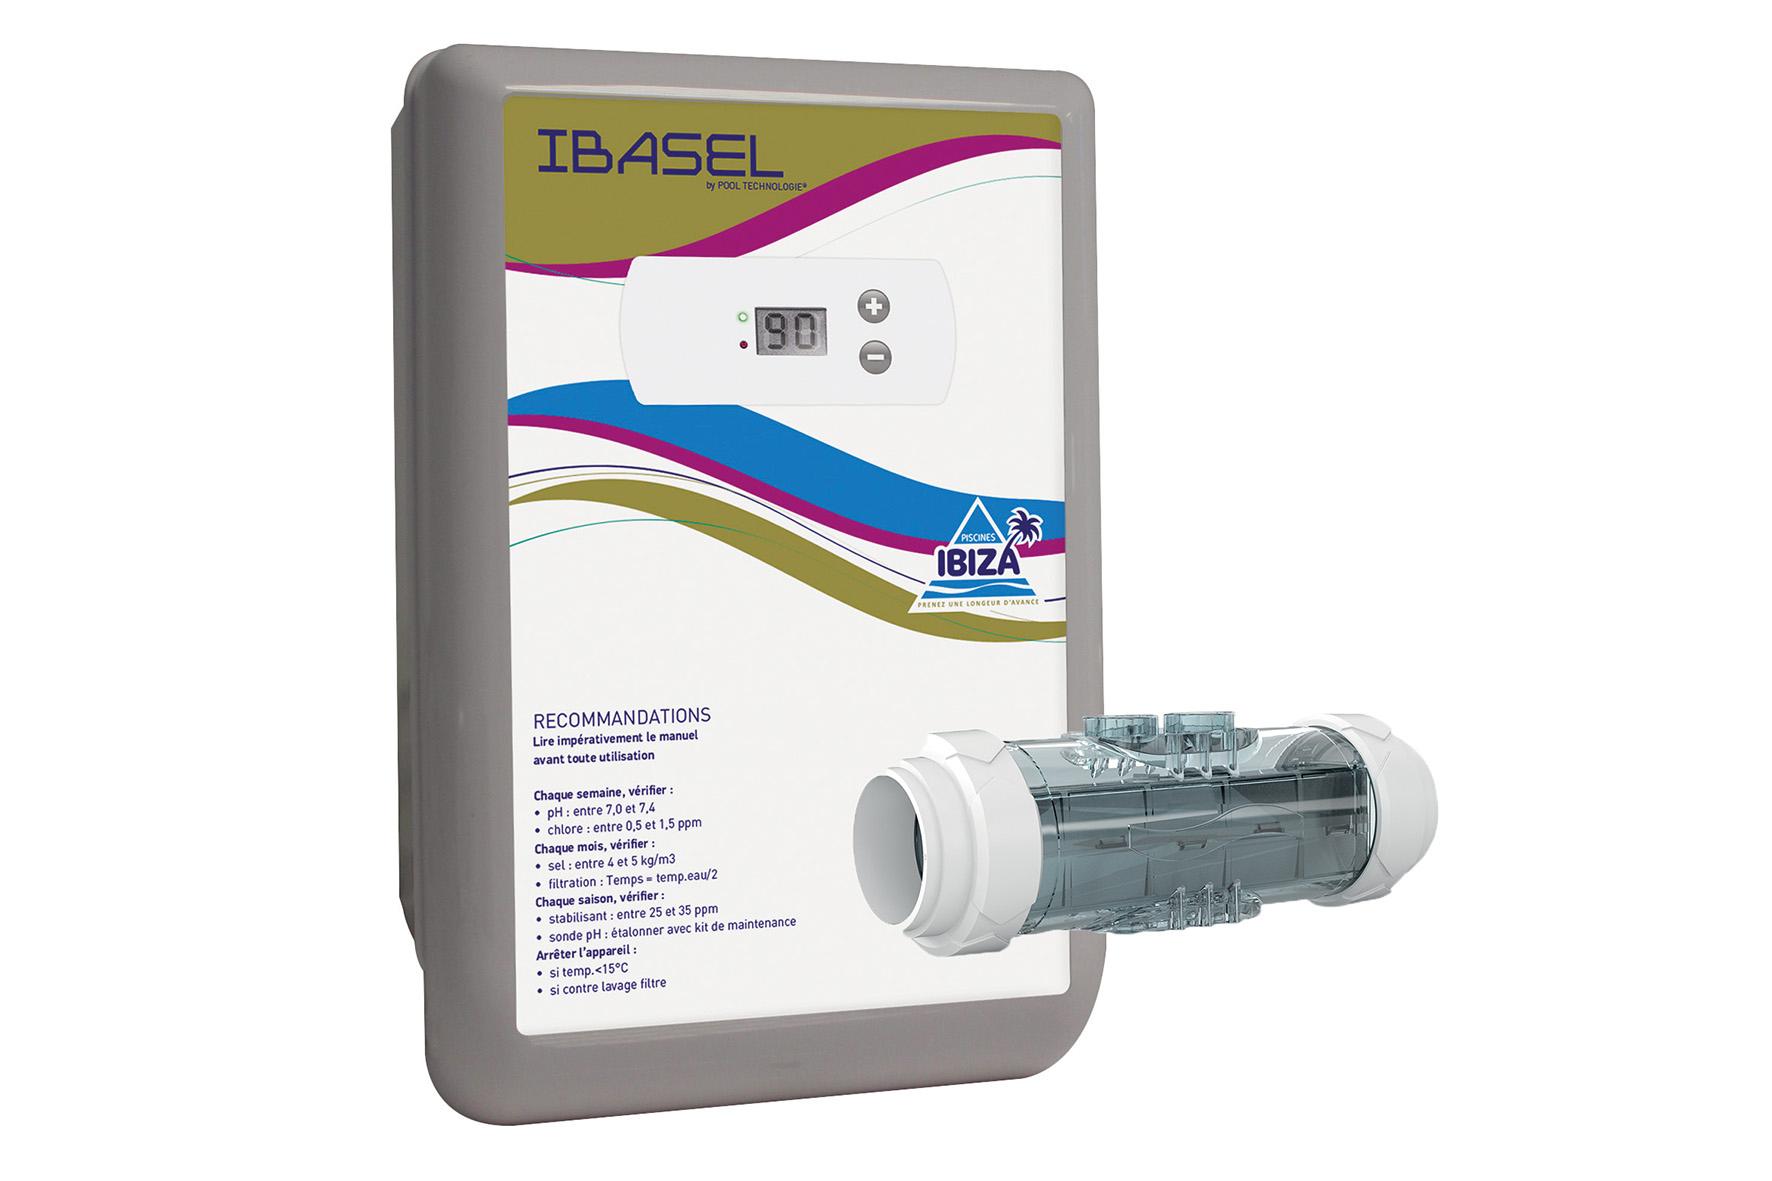 Électrolyseur Ibasel100 concernant Temps De Filtration Piscine